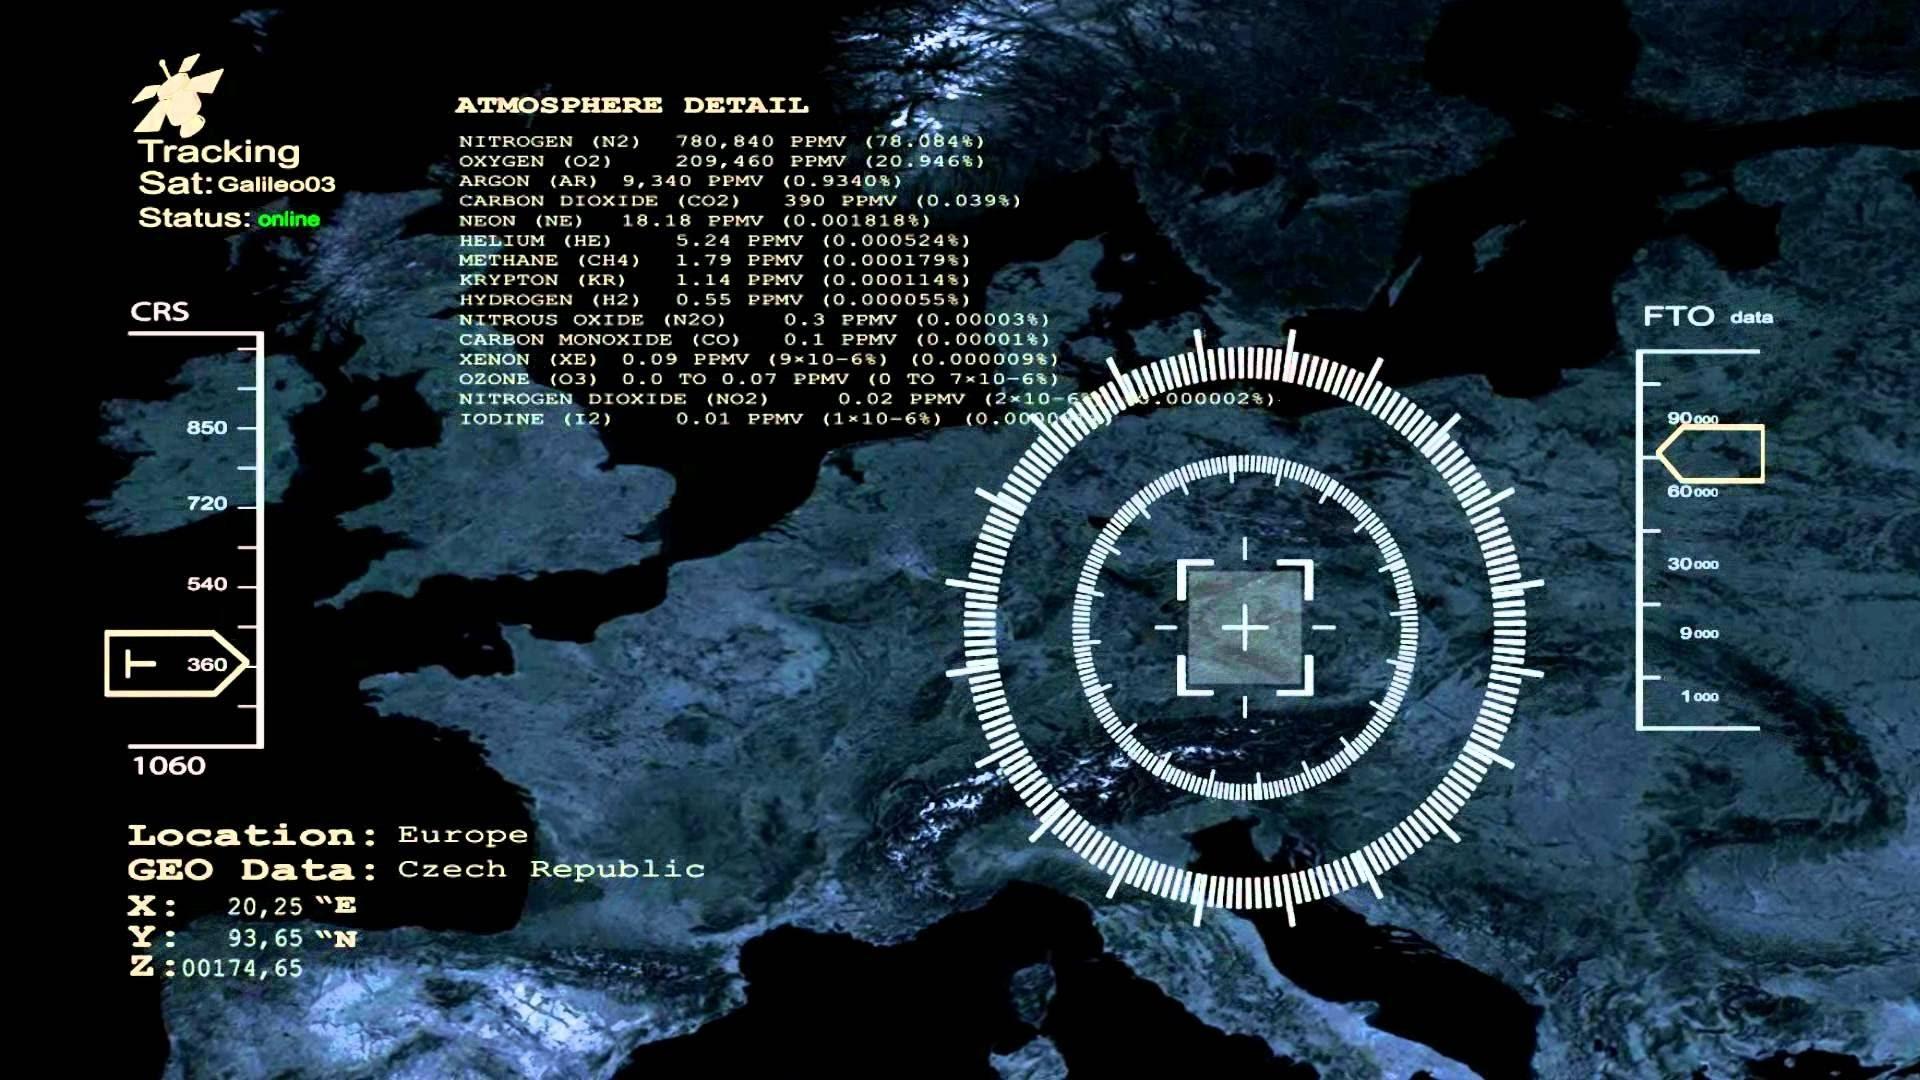 CIA: Satellite Tracking